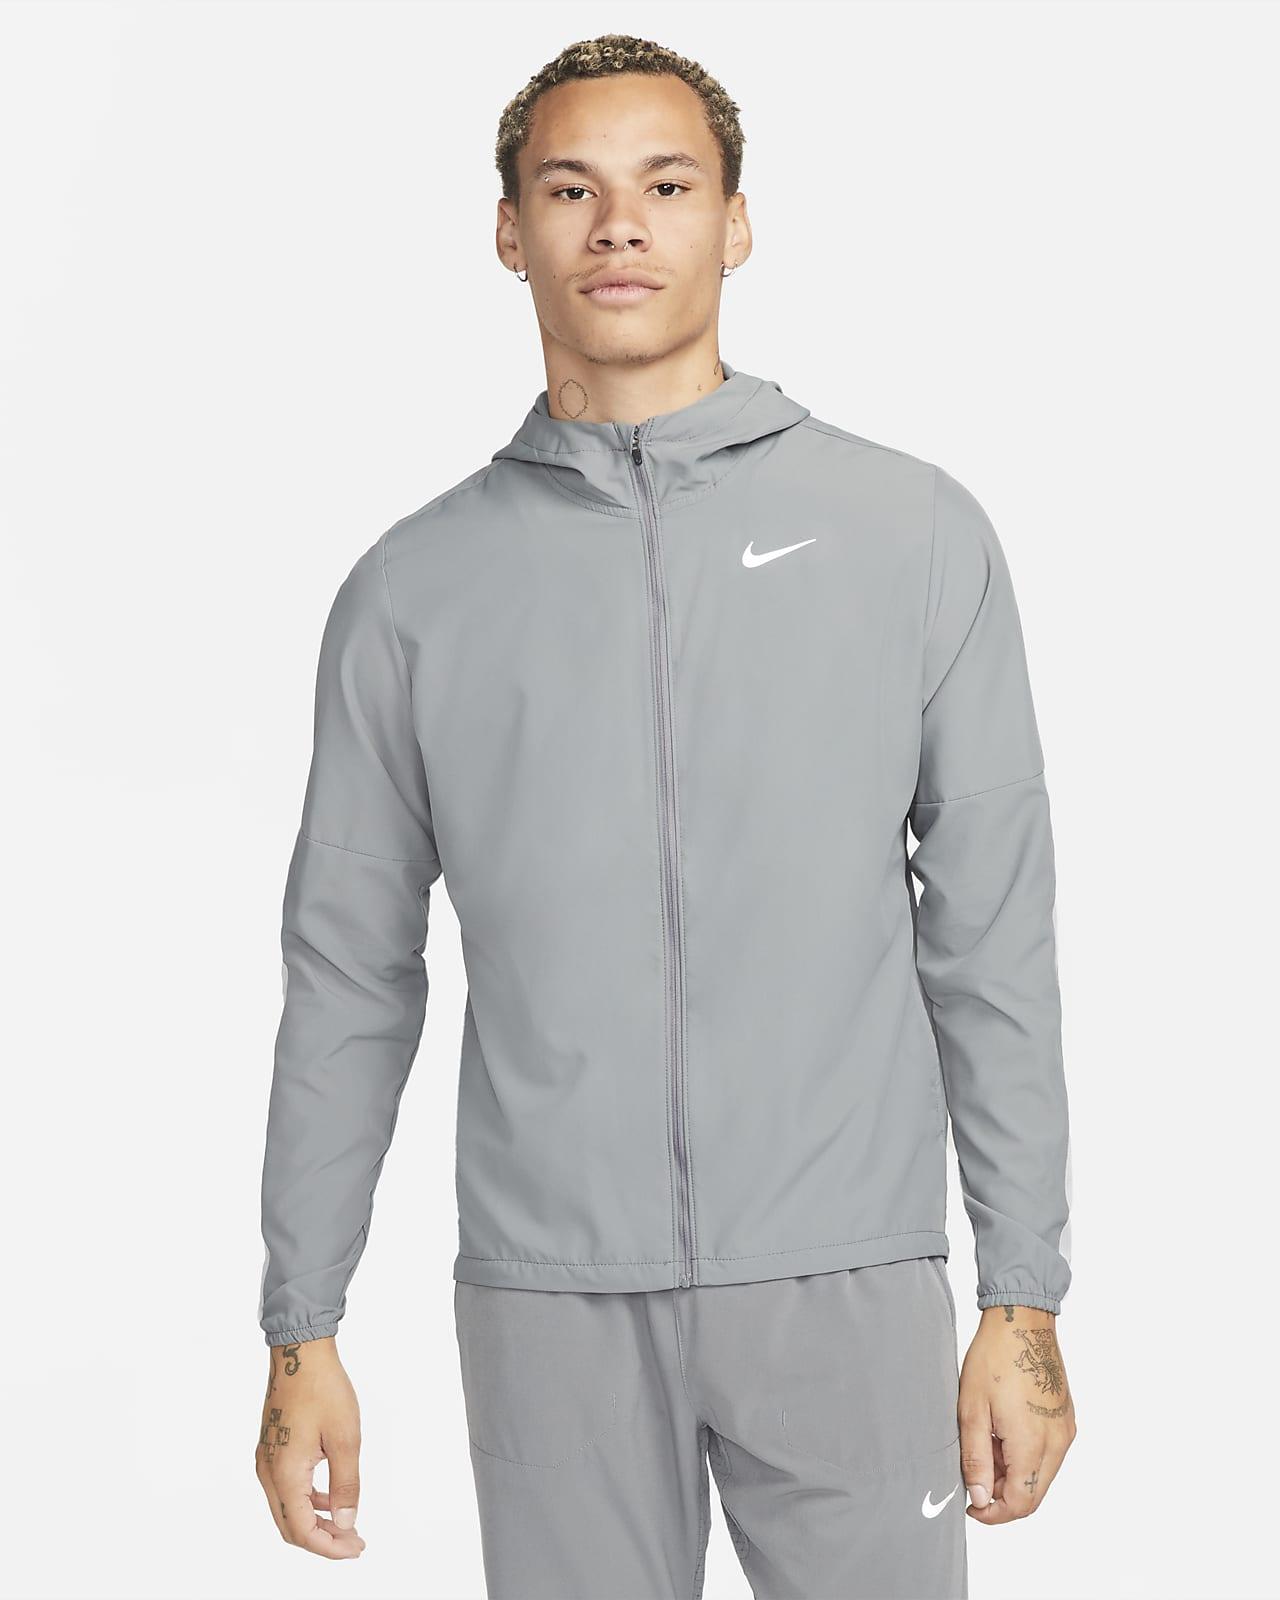 Pánská tkaná běžecká bunda Nike Run Stripe